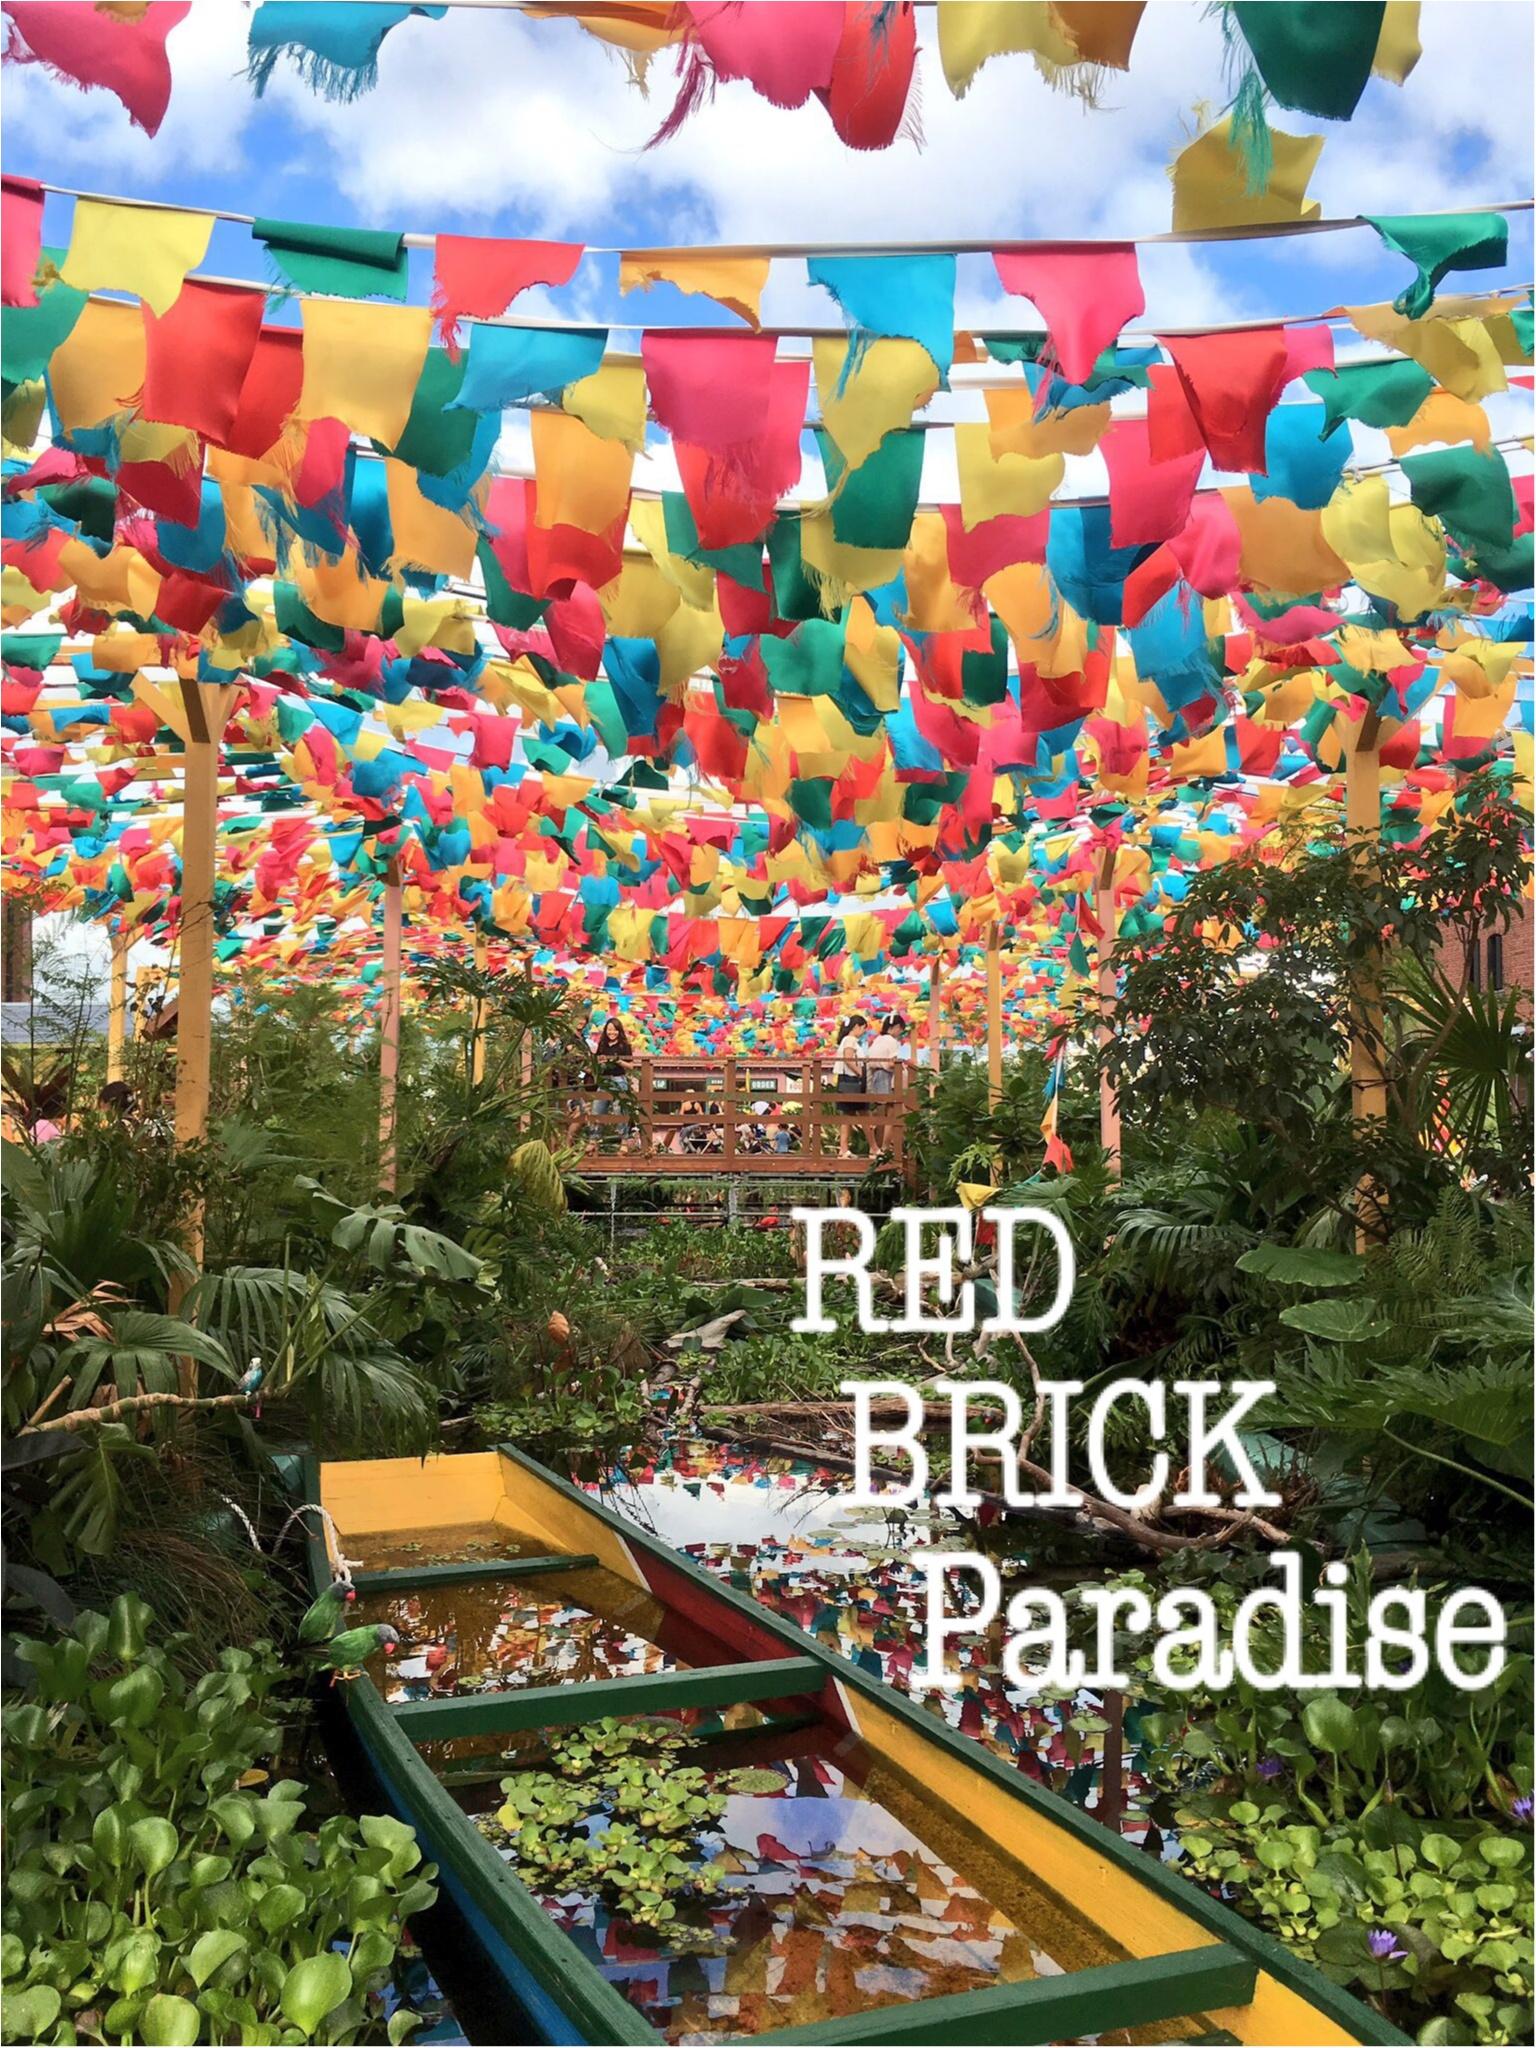 みなとみらい♡赤レンガにアマゾン川が出現…!?見ても楽しい♪食べても楽しい♪『RED BRICK Paradise』の写真たくさんレポ(*´ ˘ `*)!_1